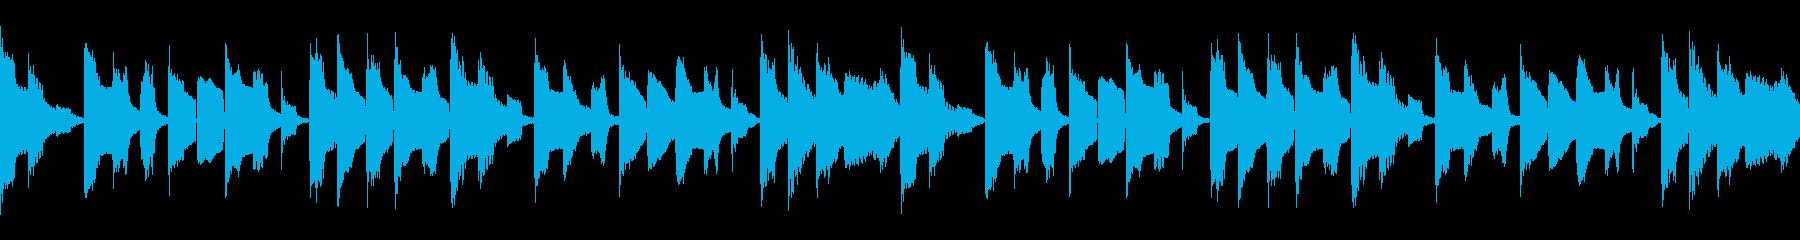 ノロノロな雰囲気のBGM ループ仕様#3の再生済みの波形